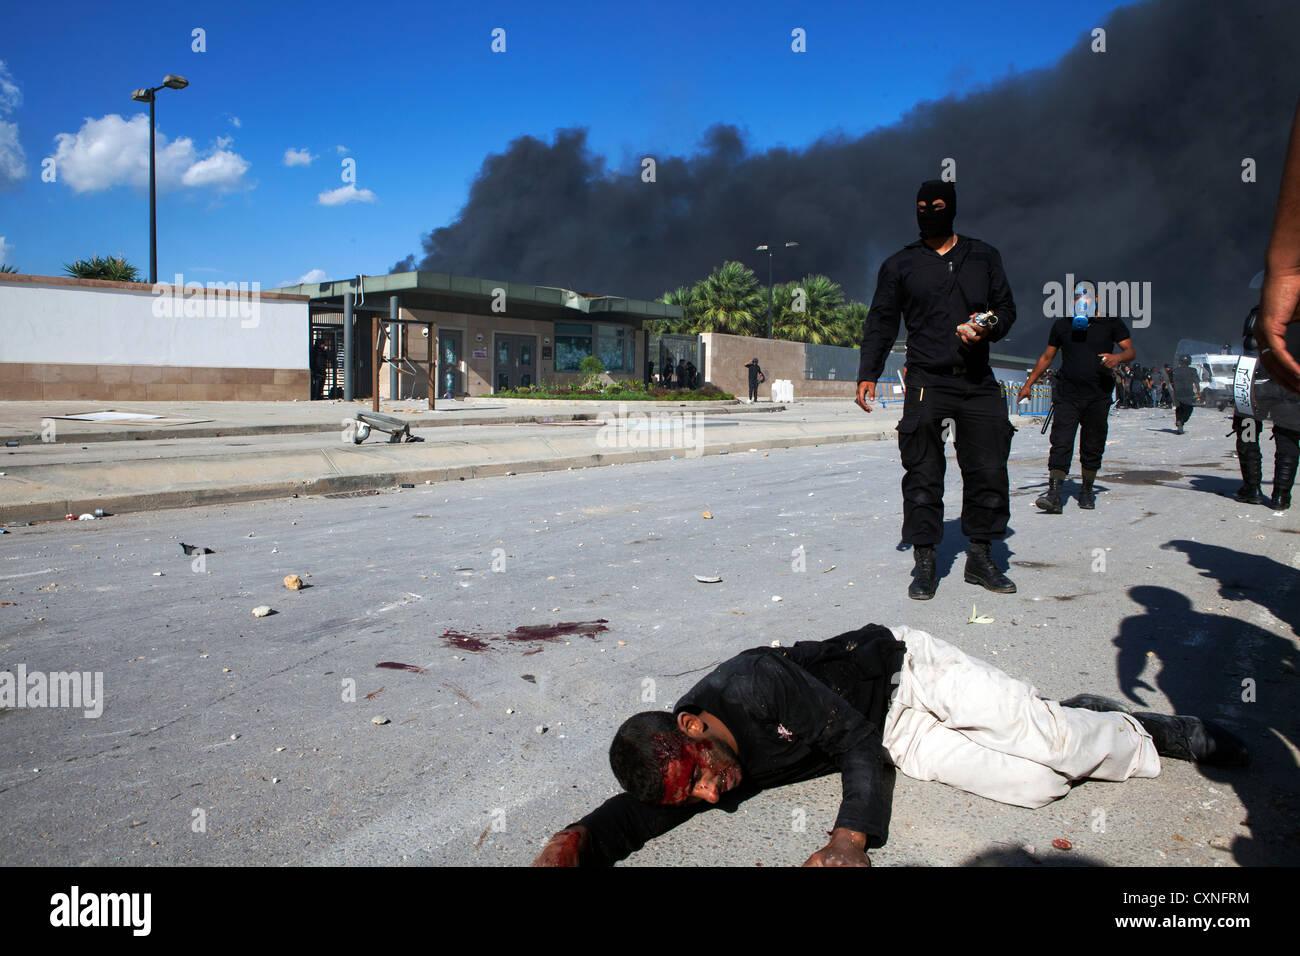 Un manifestante stabilisce inconscio sul terreno al di fuori dell'ambasciata statunitense a Tunisi dopo essere Immagini Stock